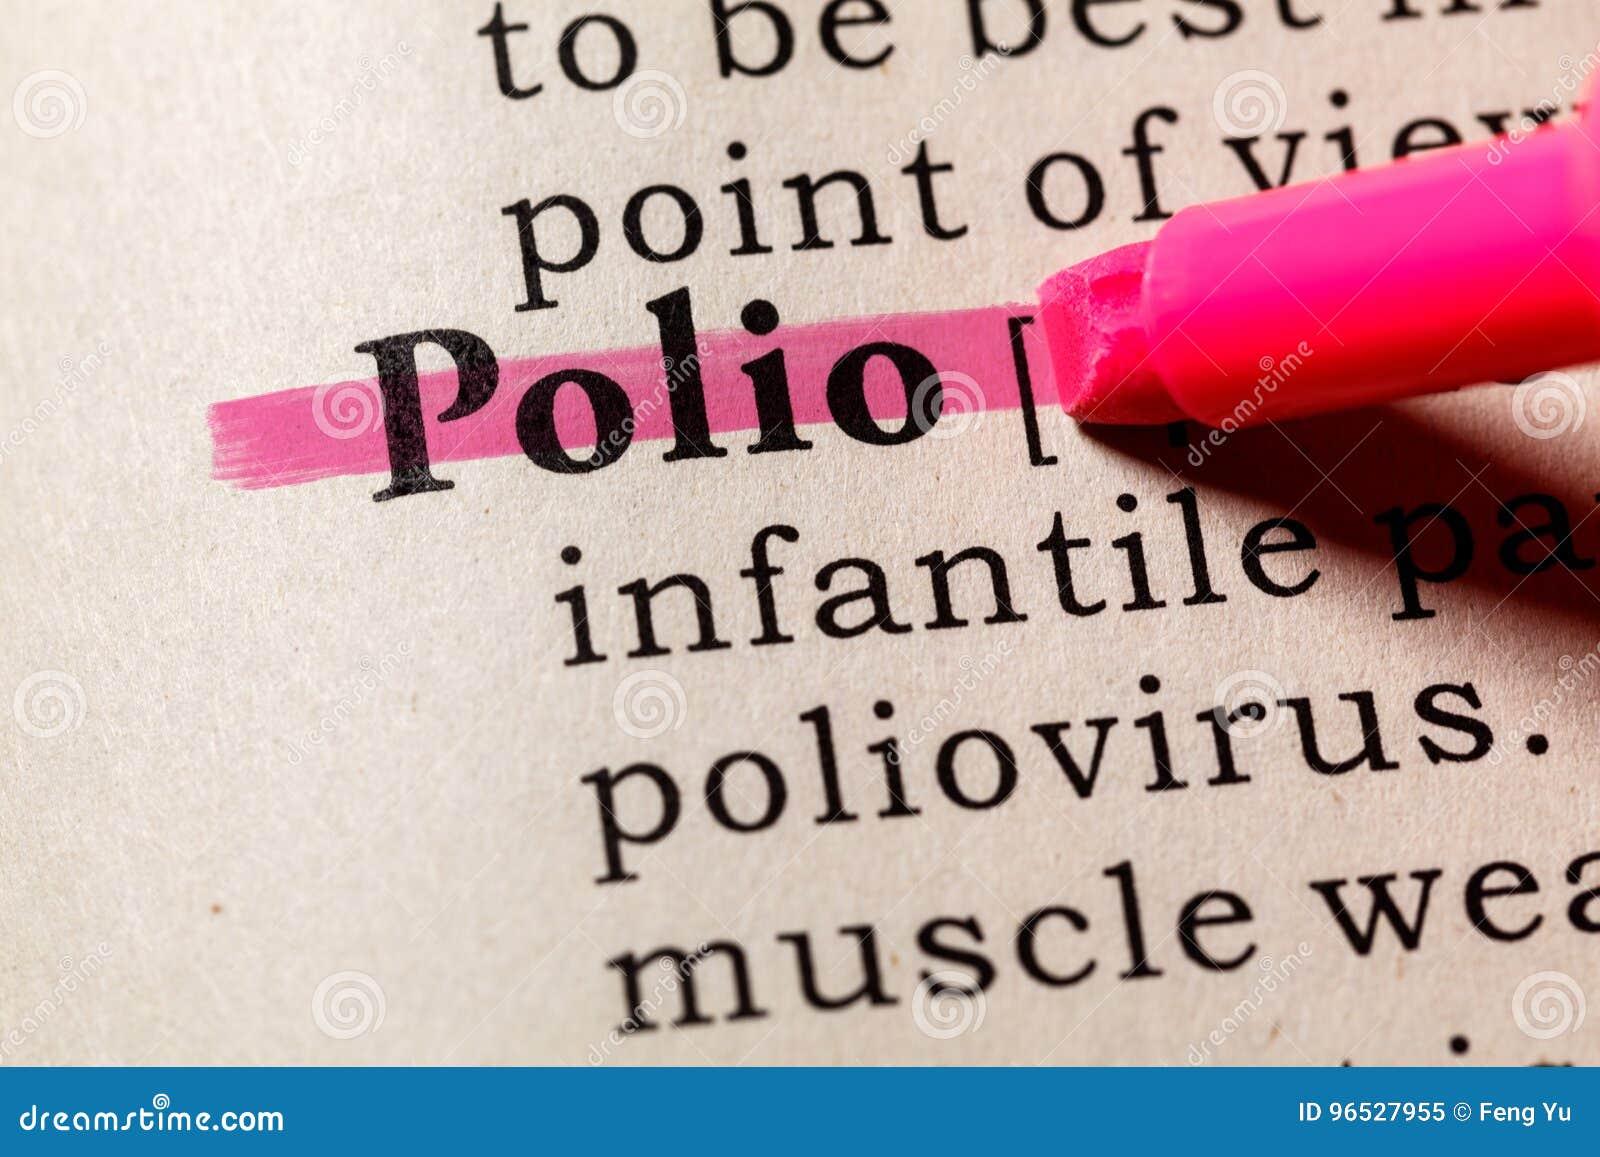 小儿麻痹症的定义